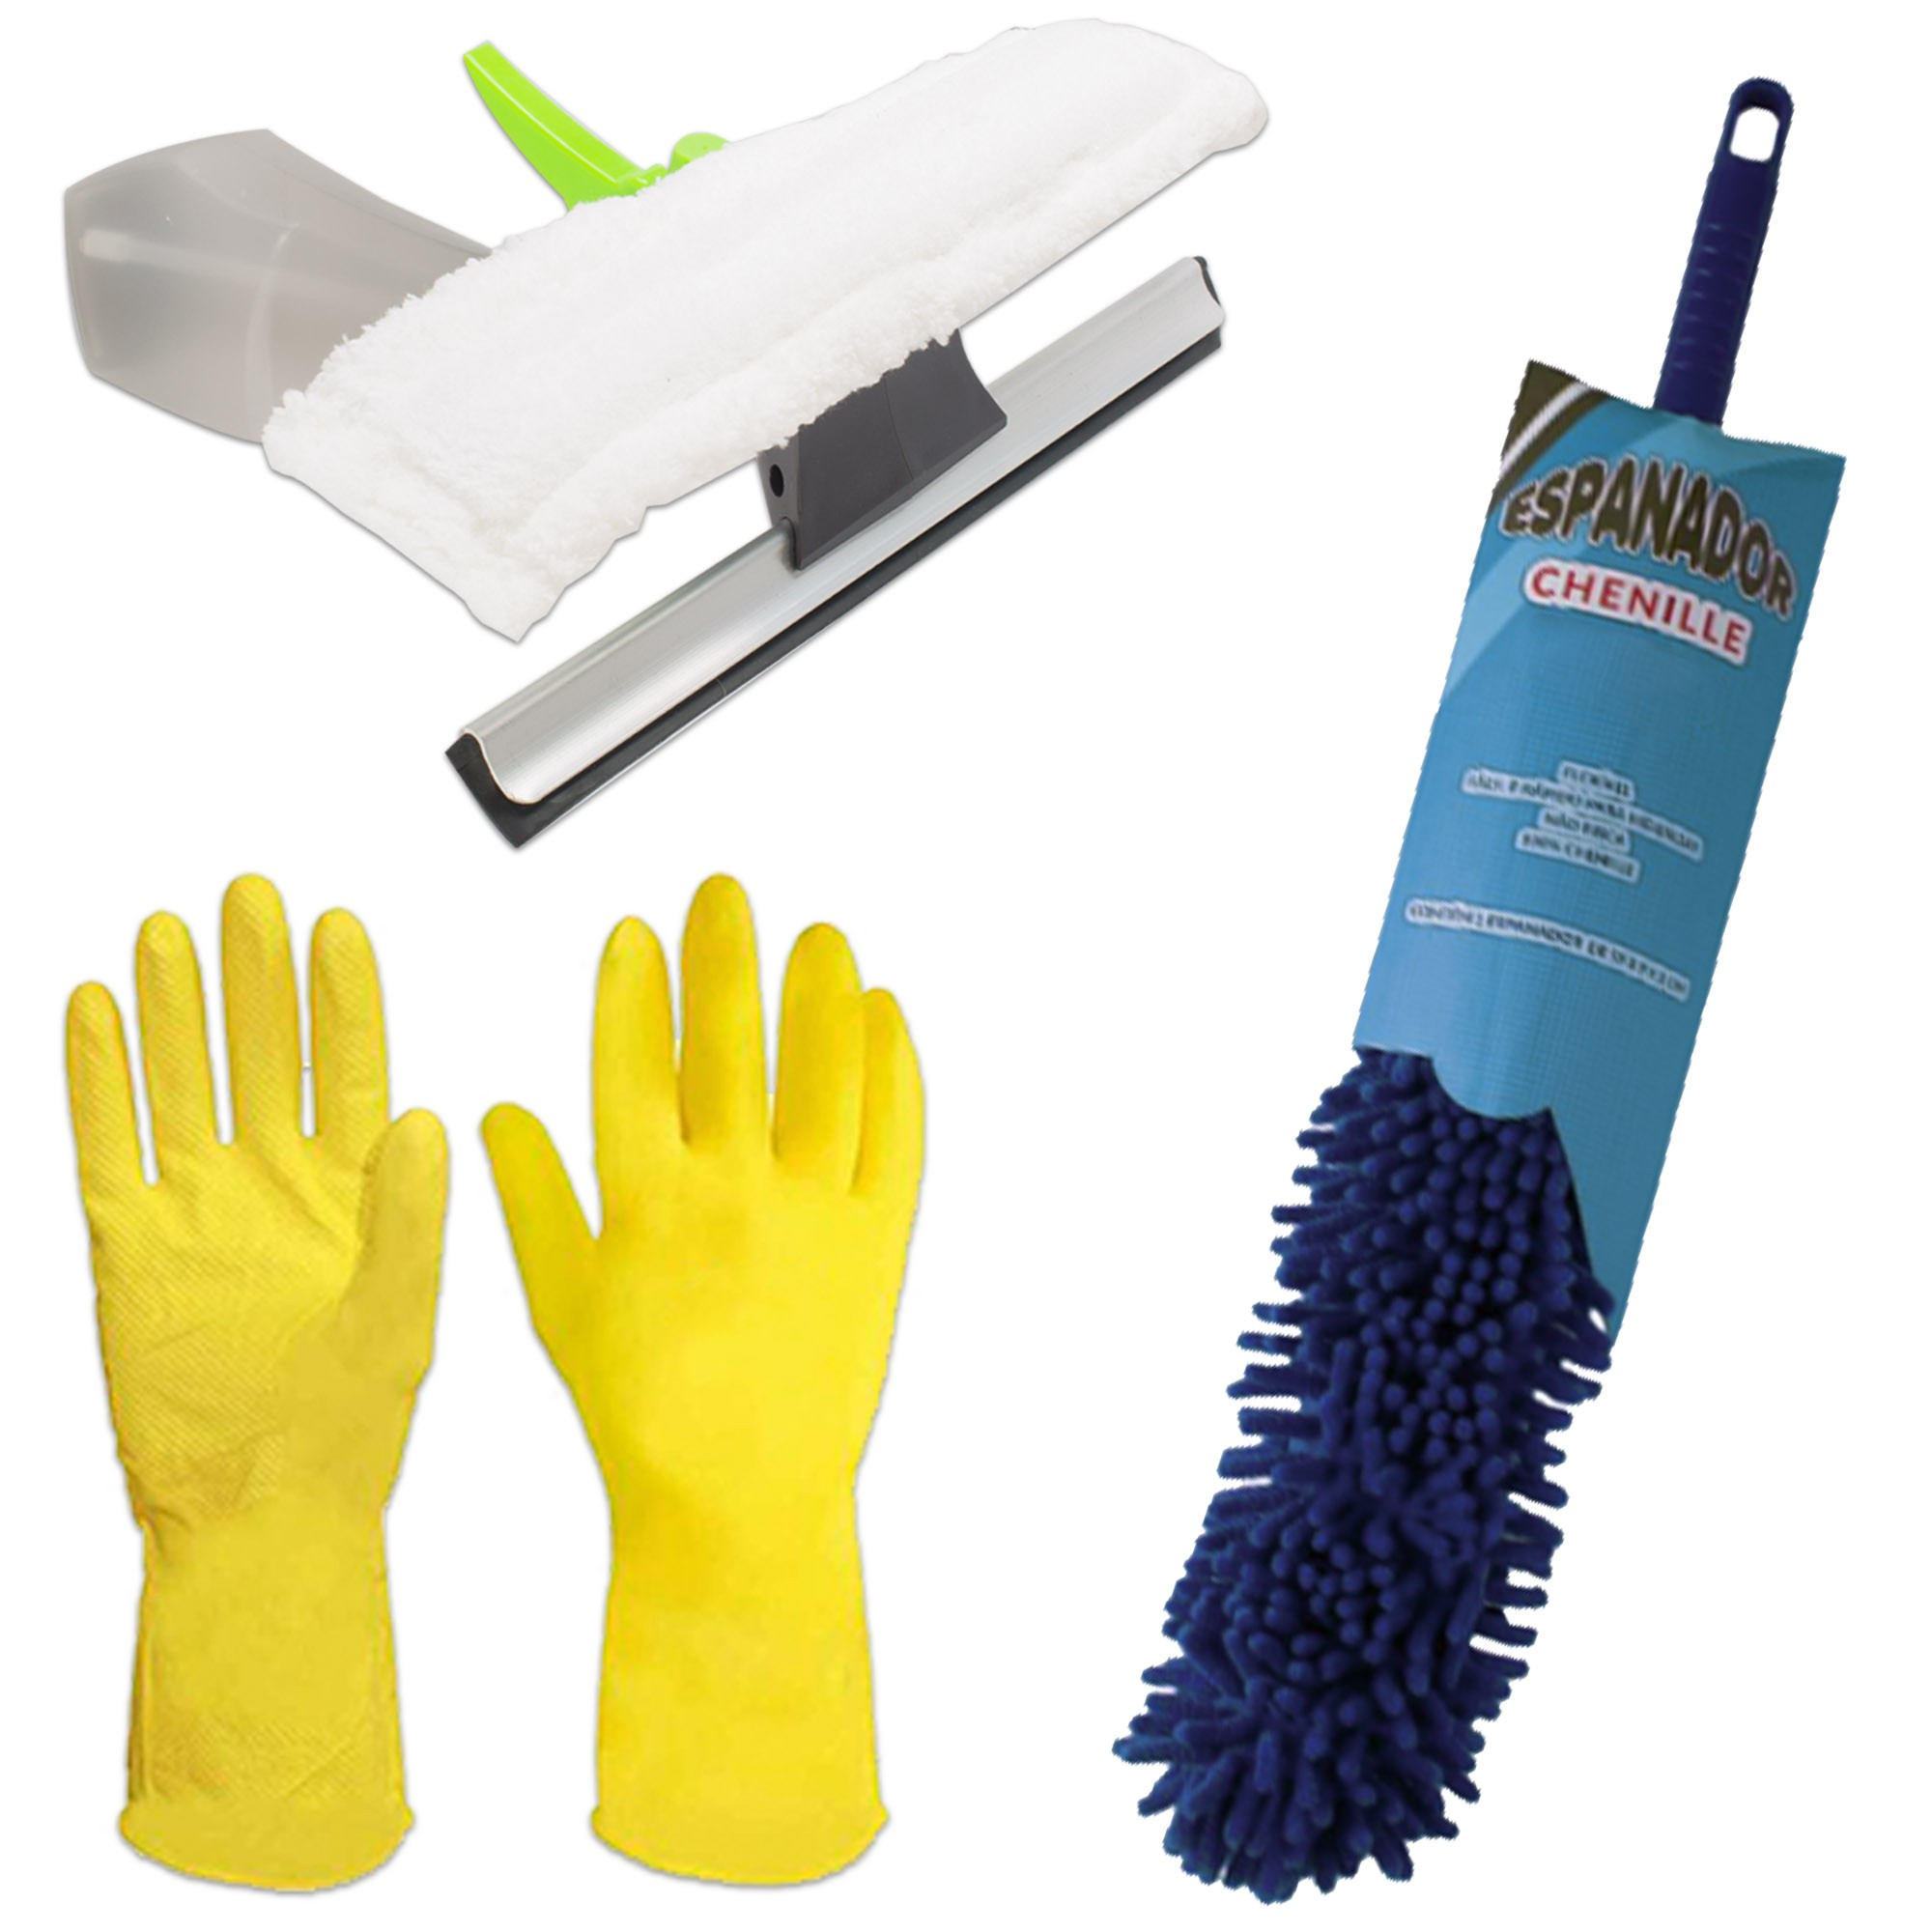 Kit Espanador Flexível, Borrifador Limpa Vidros e Luvas G